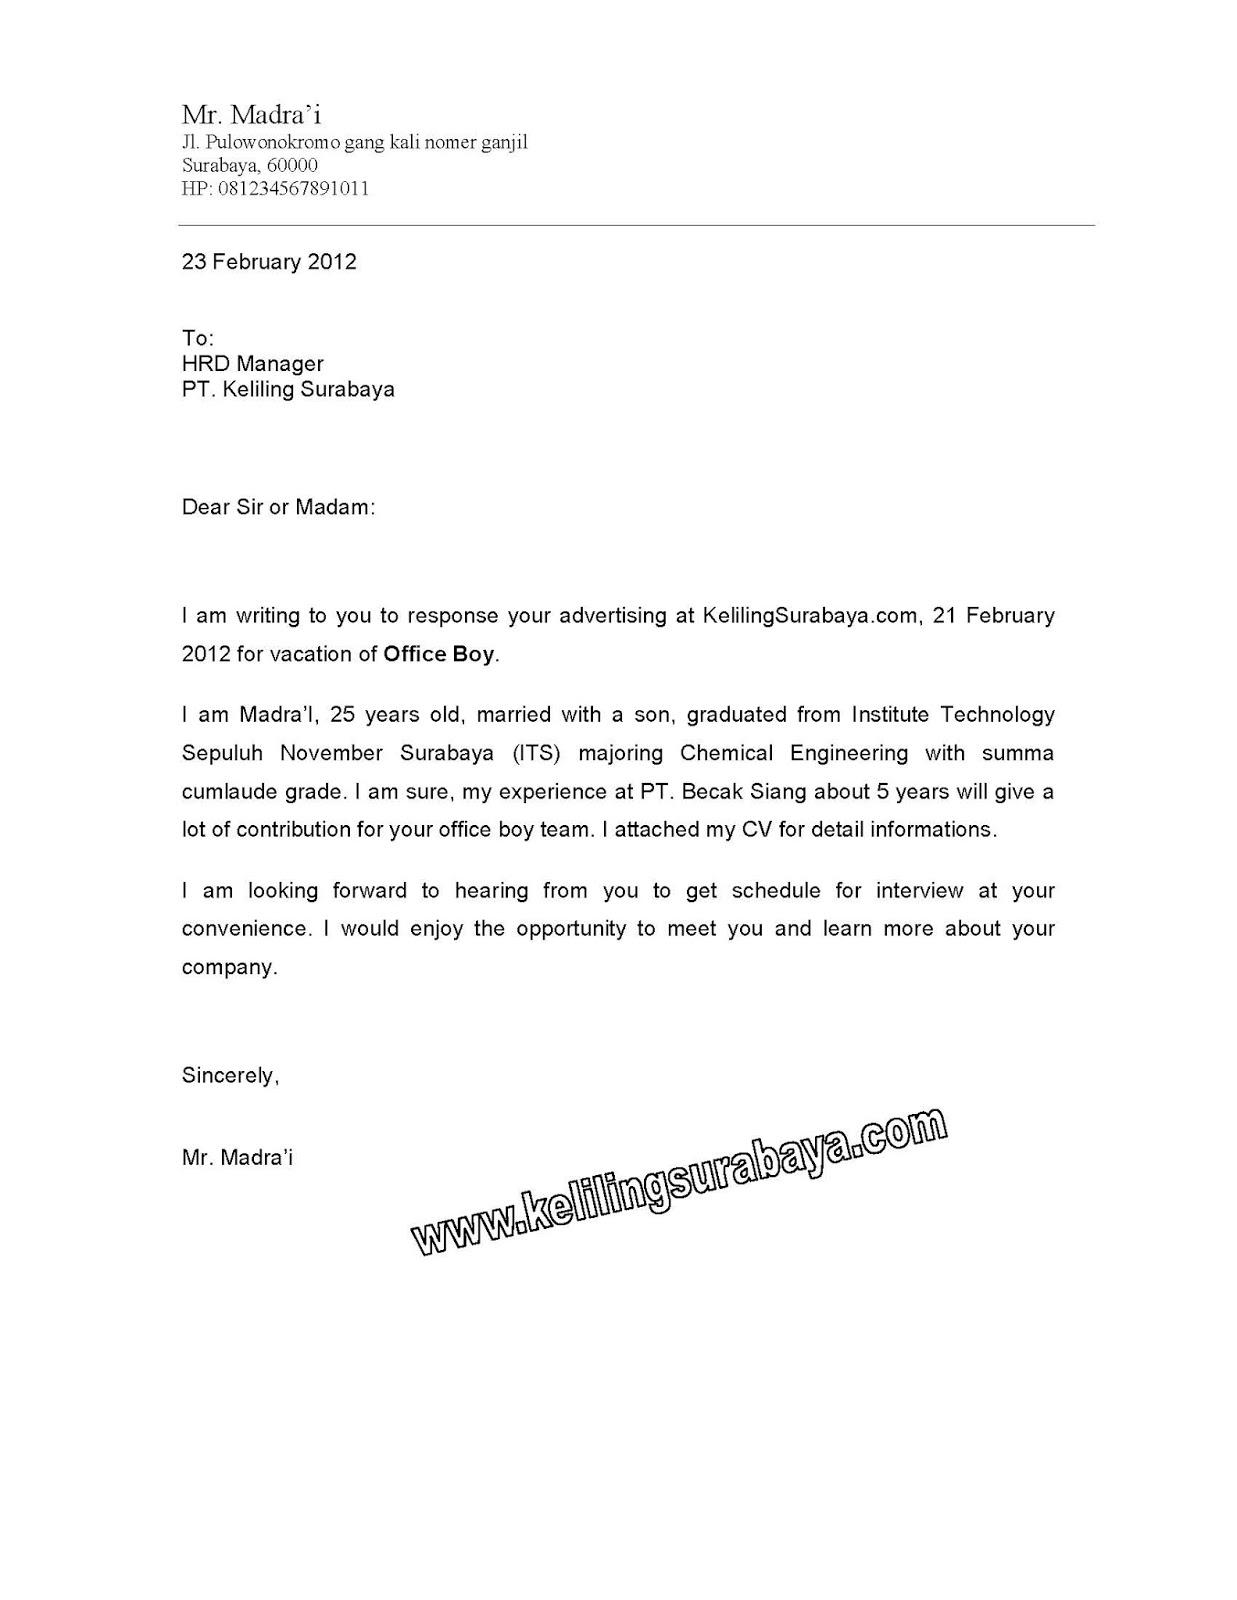 Contoh Surat Lamaran Pekerjaan Berdasarkan Iklan Contoh Surat